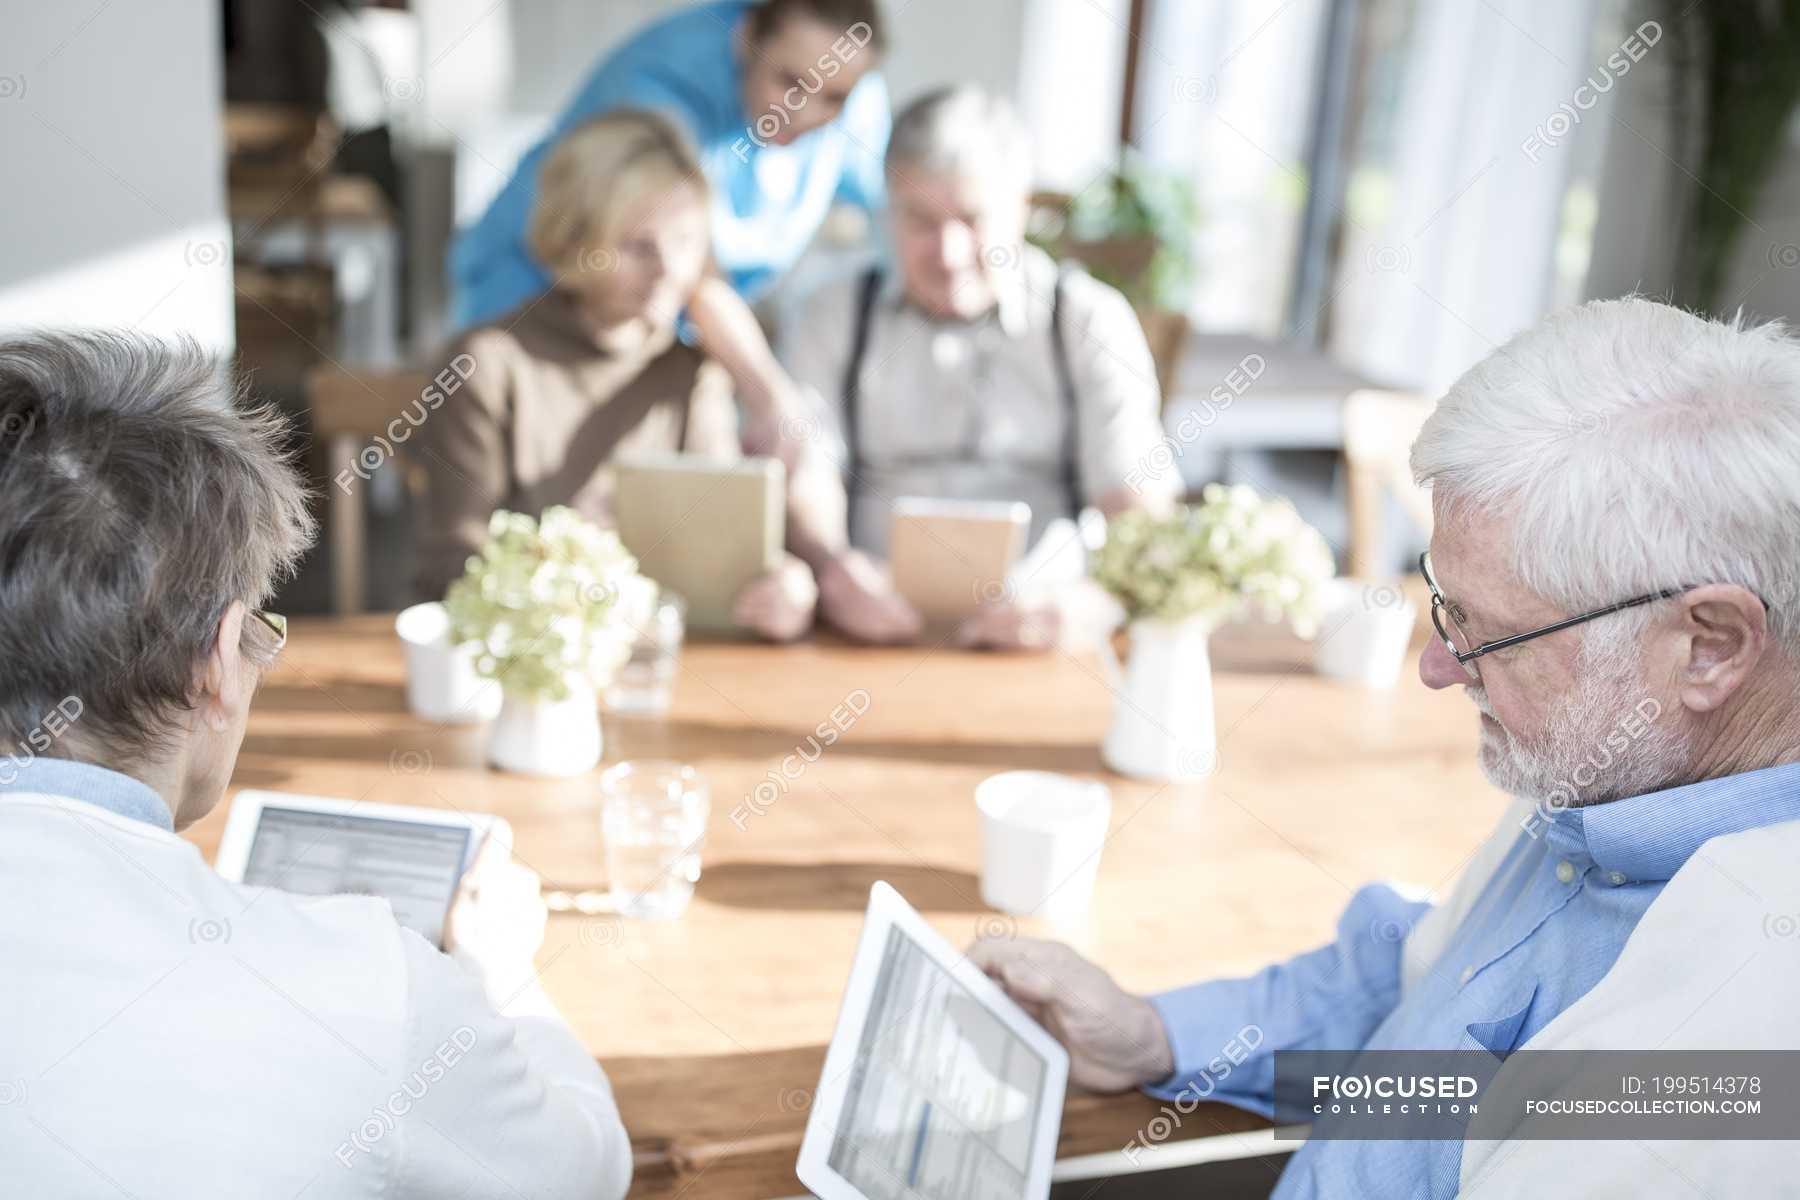 Most Legitimate Seniors Online Dating Services In Canada